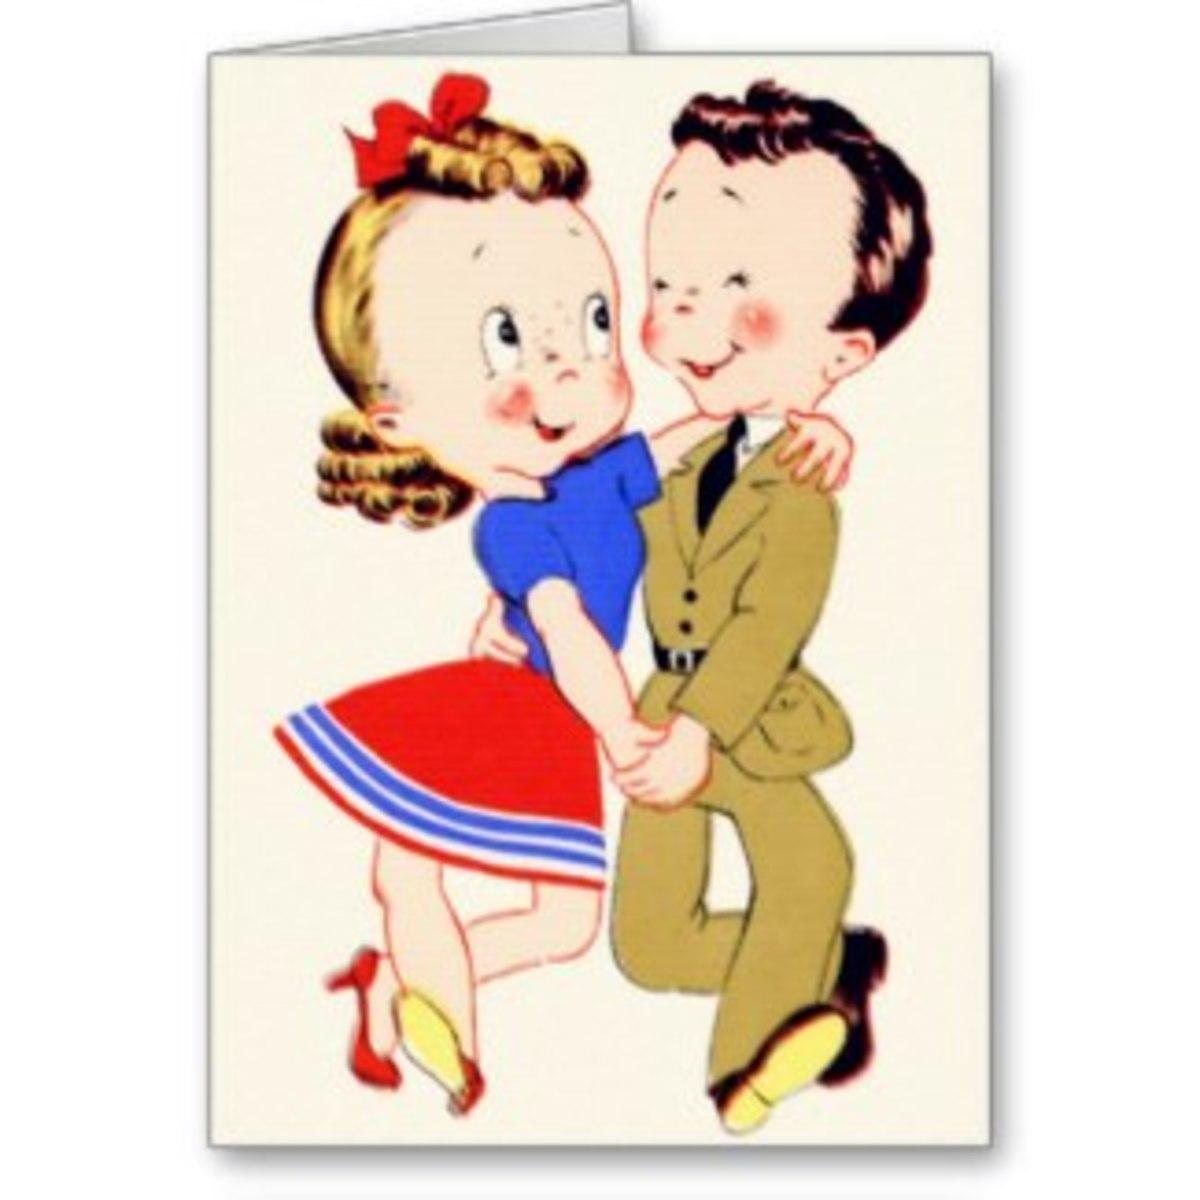 Ah, romance in the WWII era!